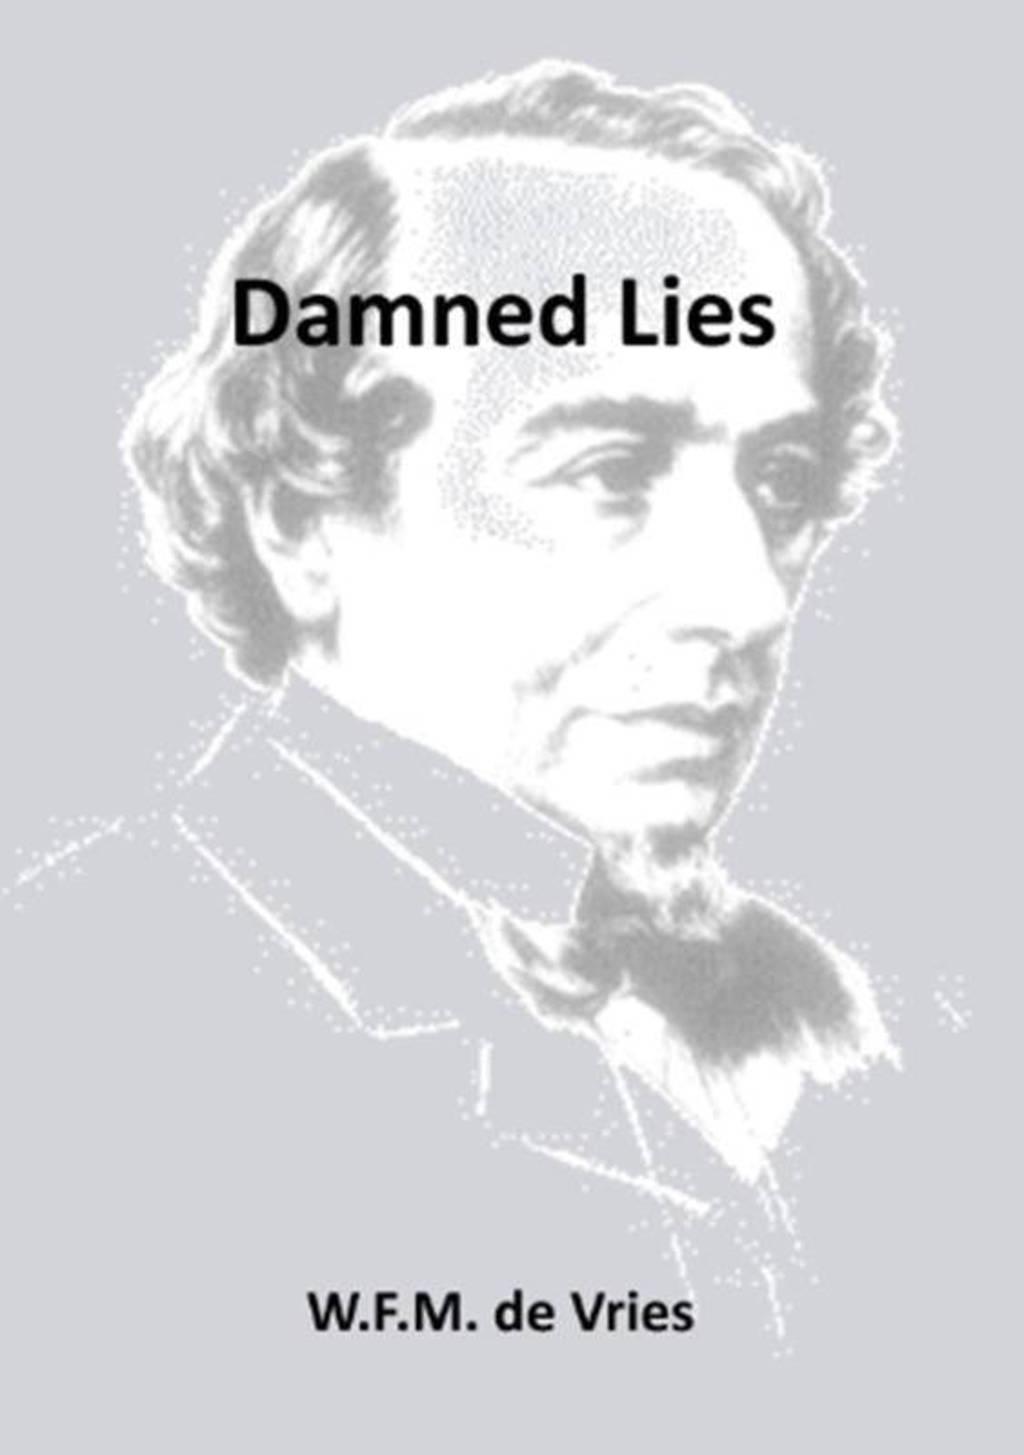 Damned lies - W.F.M. de Vries